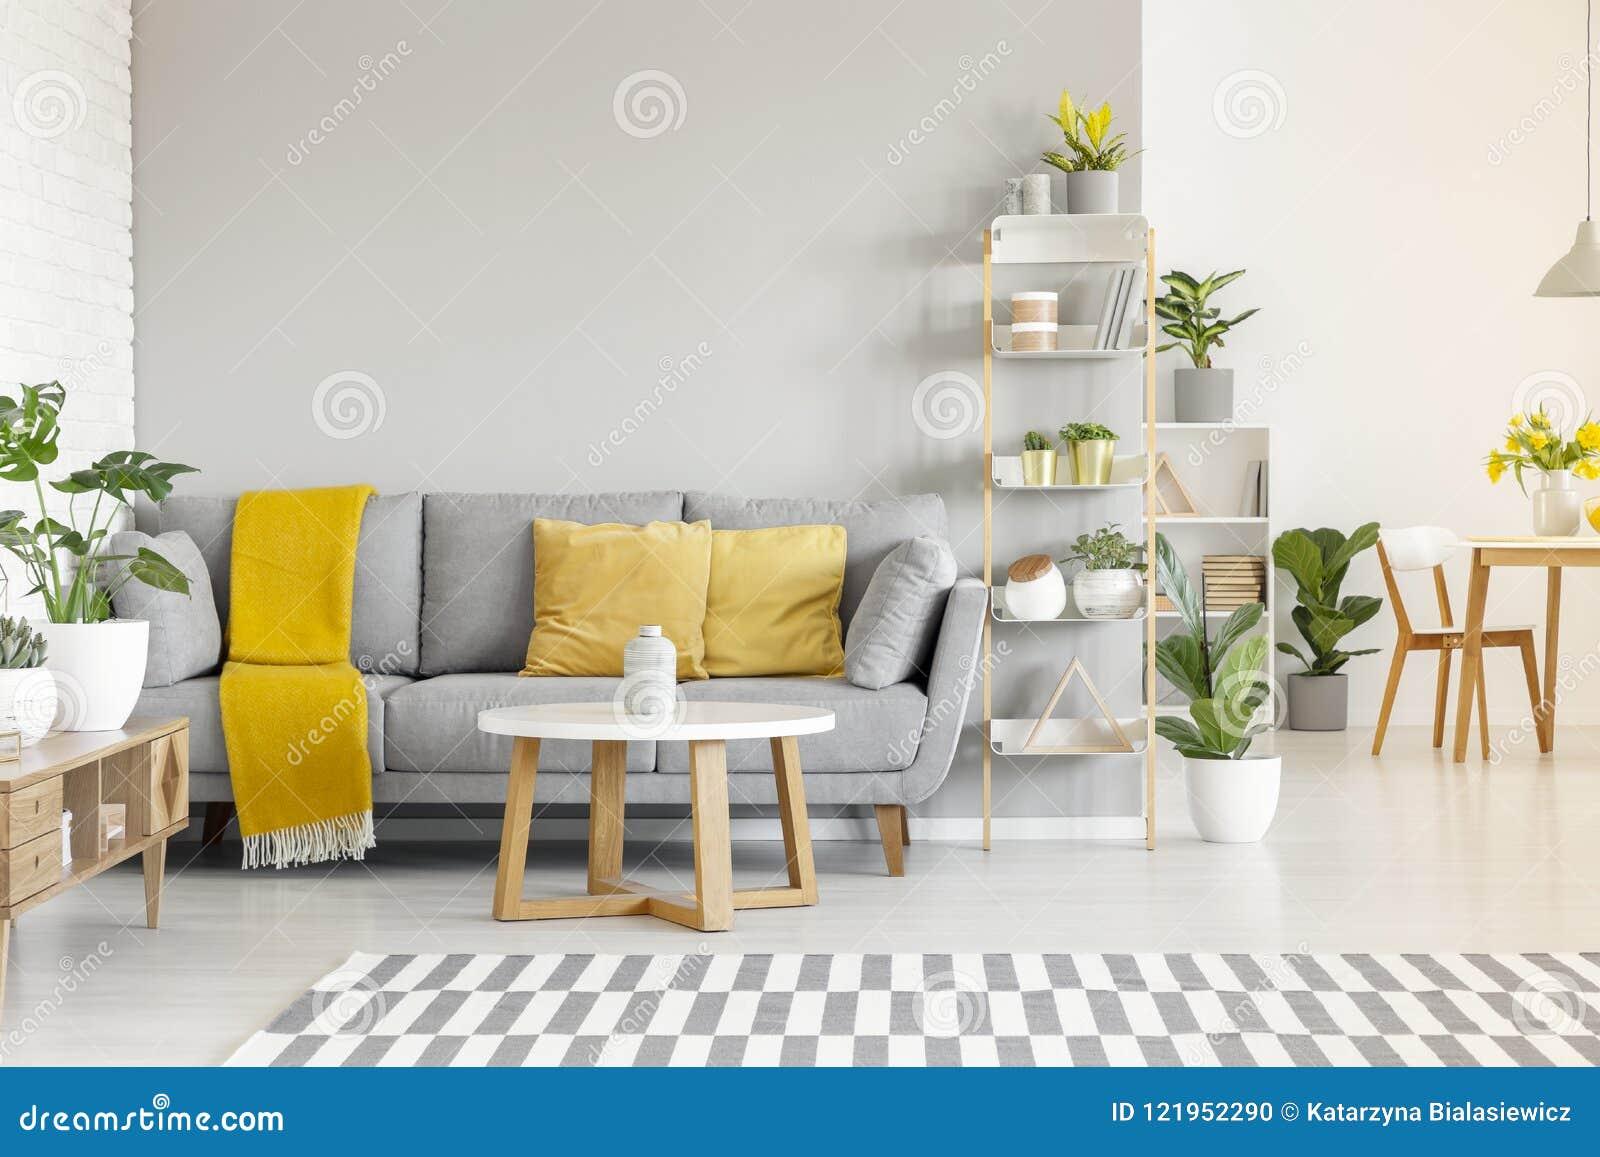 Gele hoofdkussens en deken op grijze bank in moderne woonkamer binnen